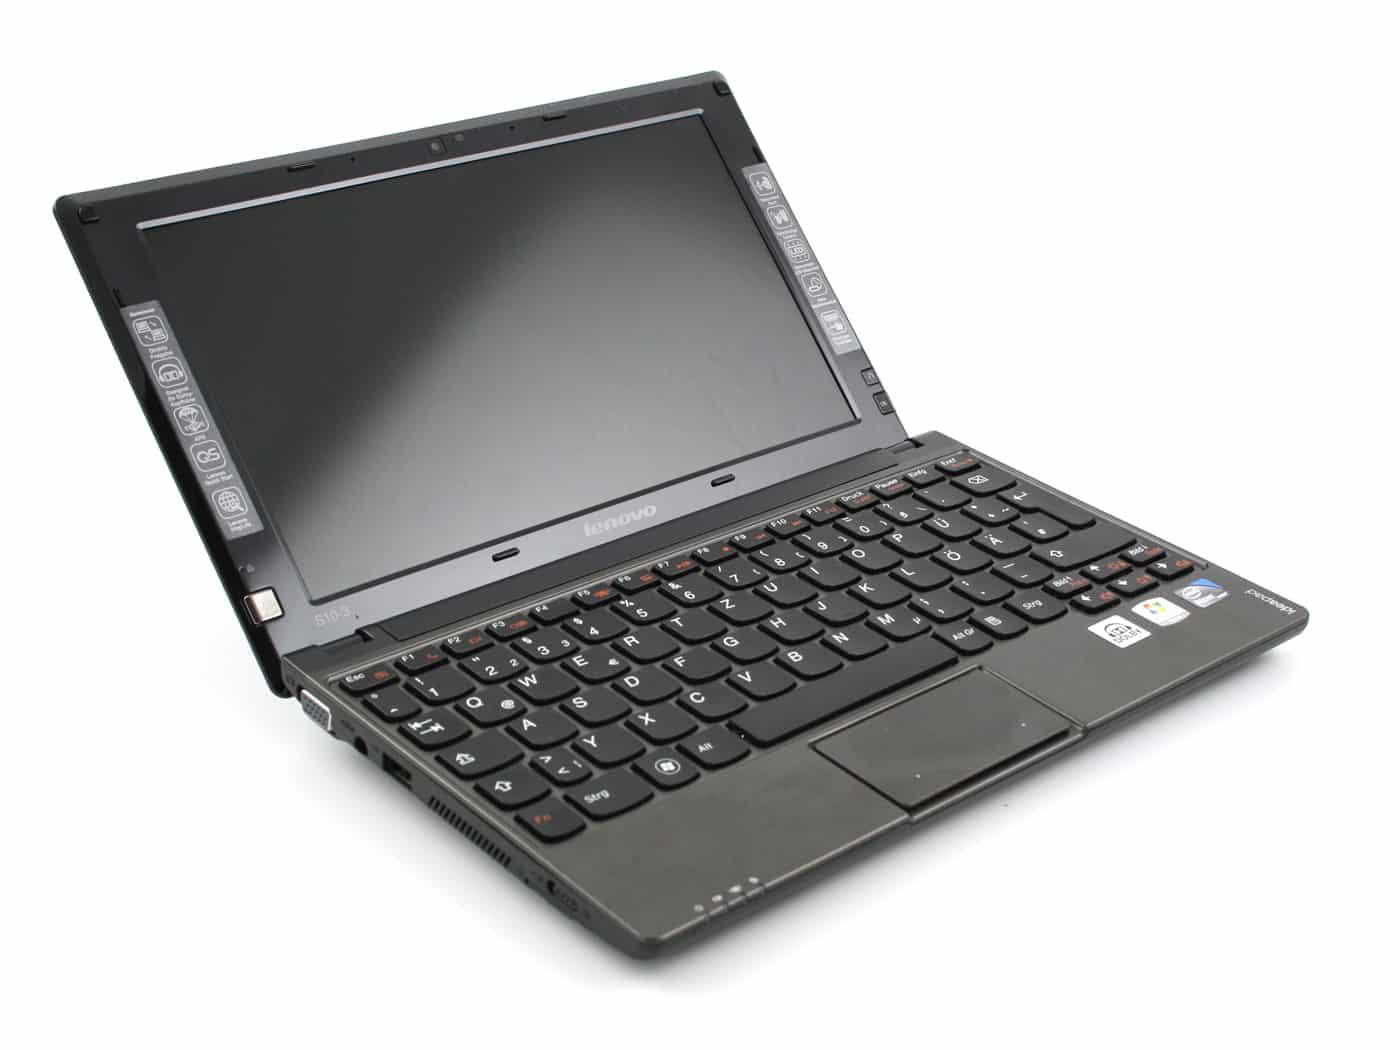 Lenovo-Ideapad-S10